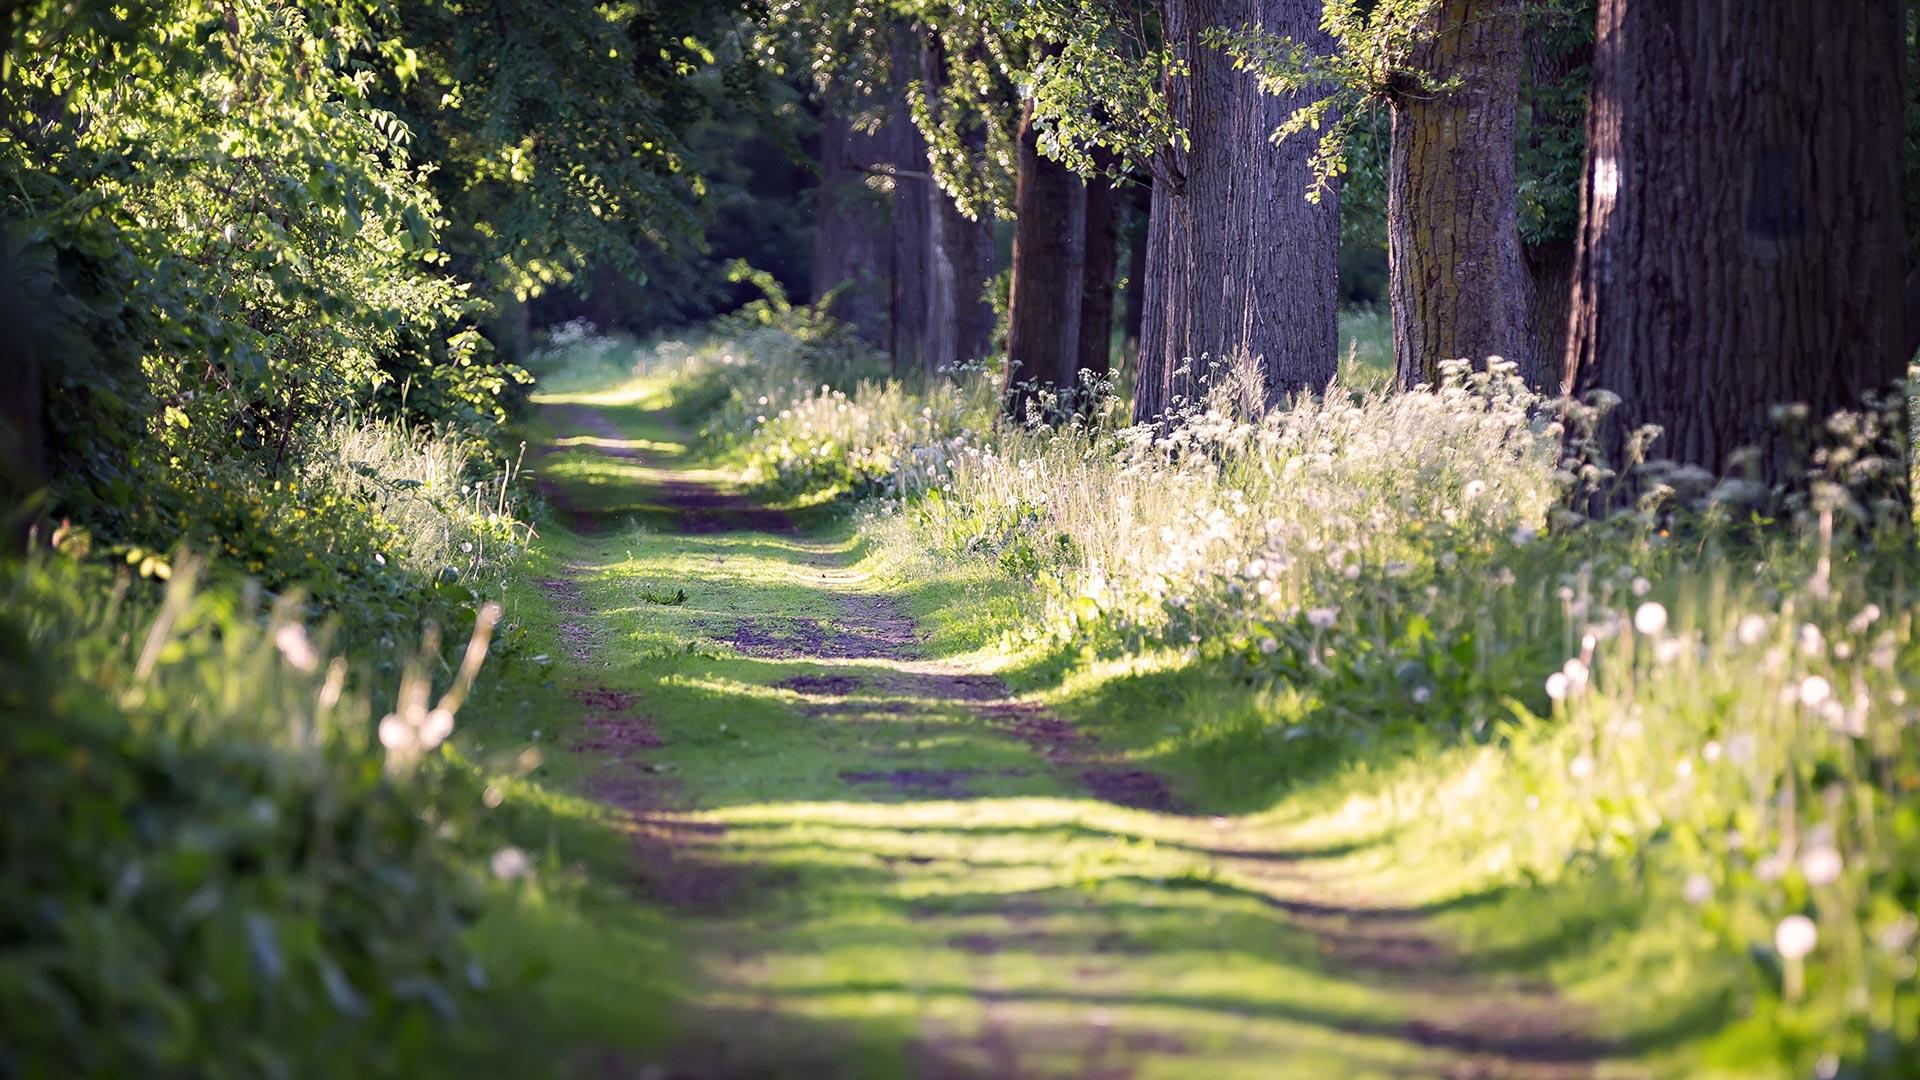 Camino - FOTOS y VÍDEOS 360 para descargar - Descargas360.com